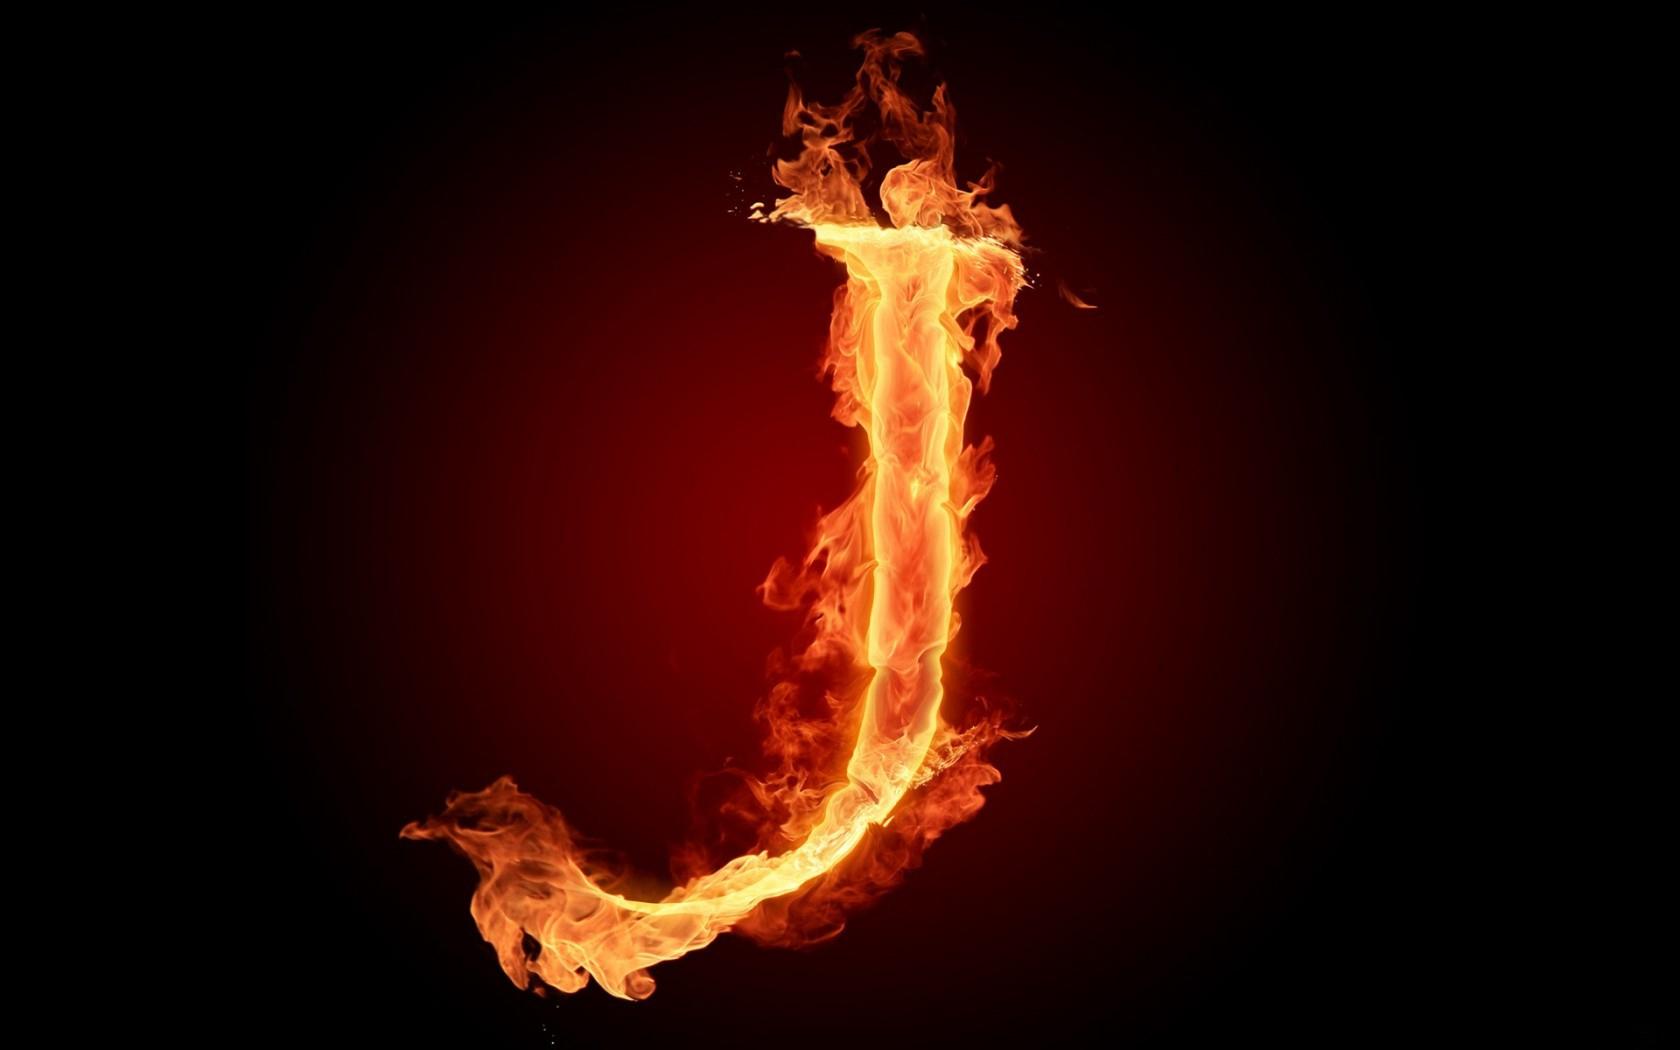 Как из букв сделать огонь 811